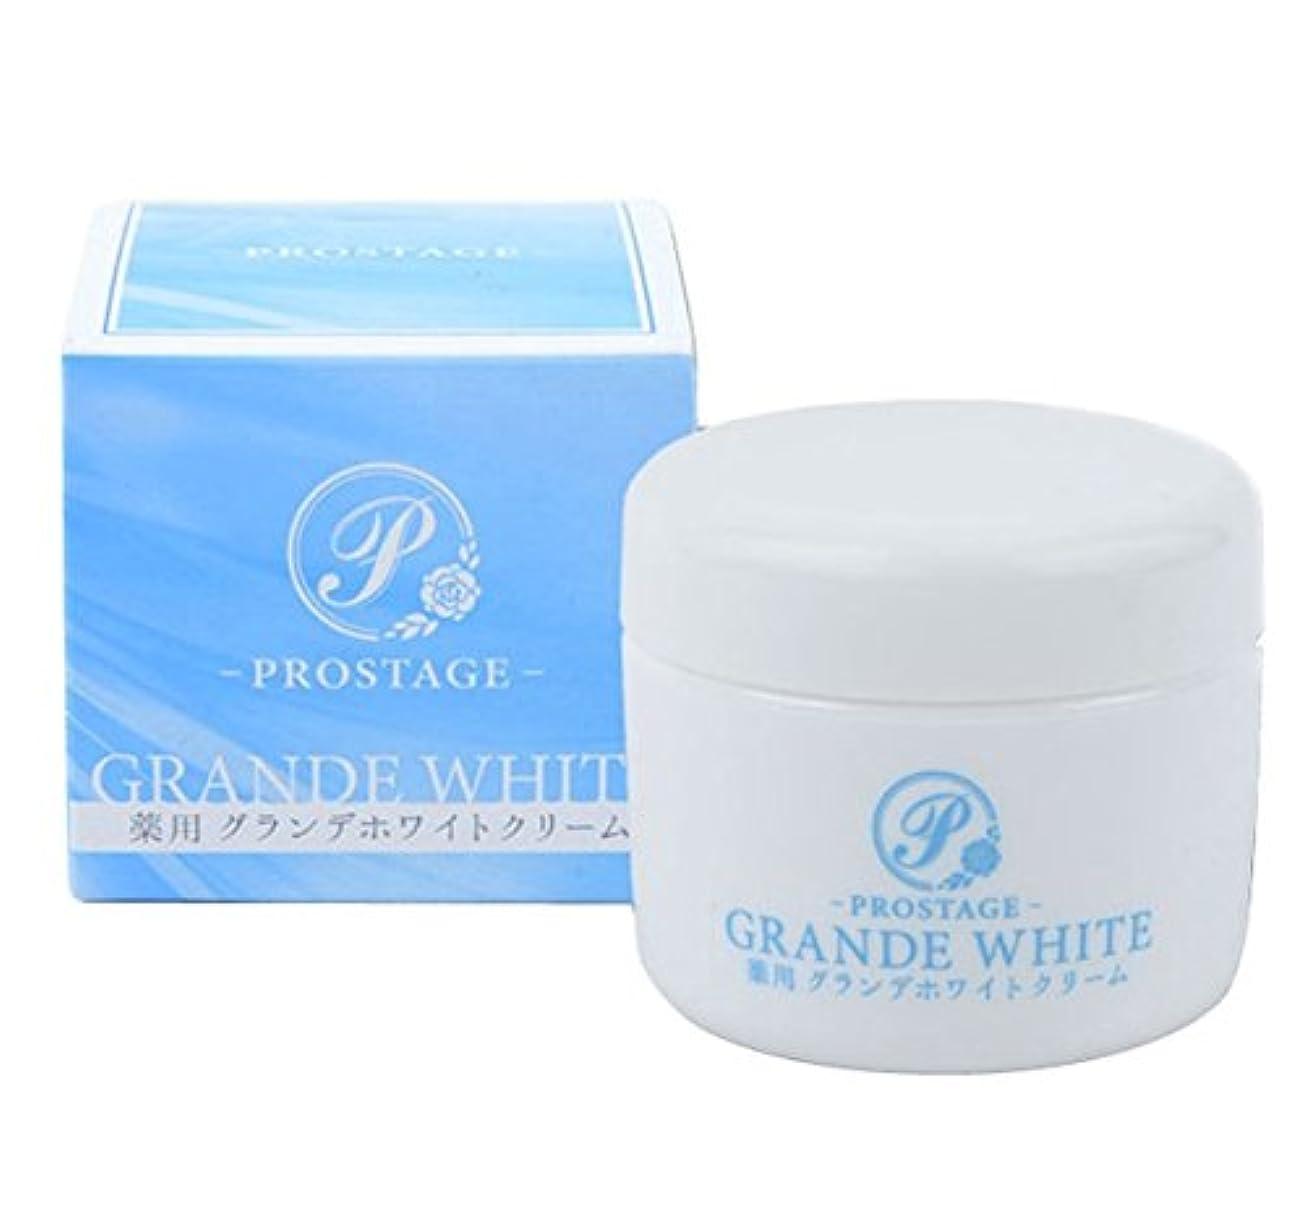 したいリンス申請者薬用グランデホワイトクリーム PROSTAGE ホワイトニングクリーム 大容量80g (2個)